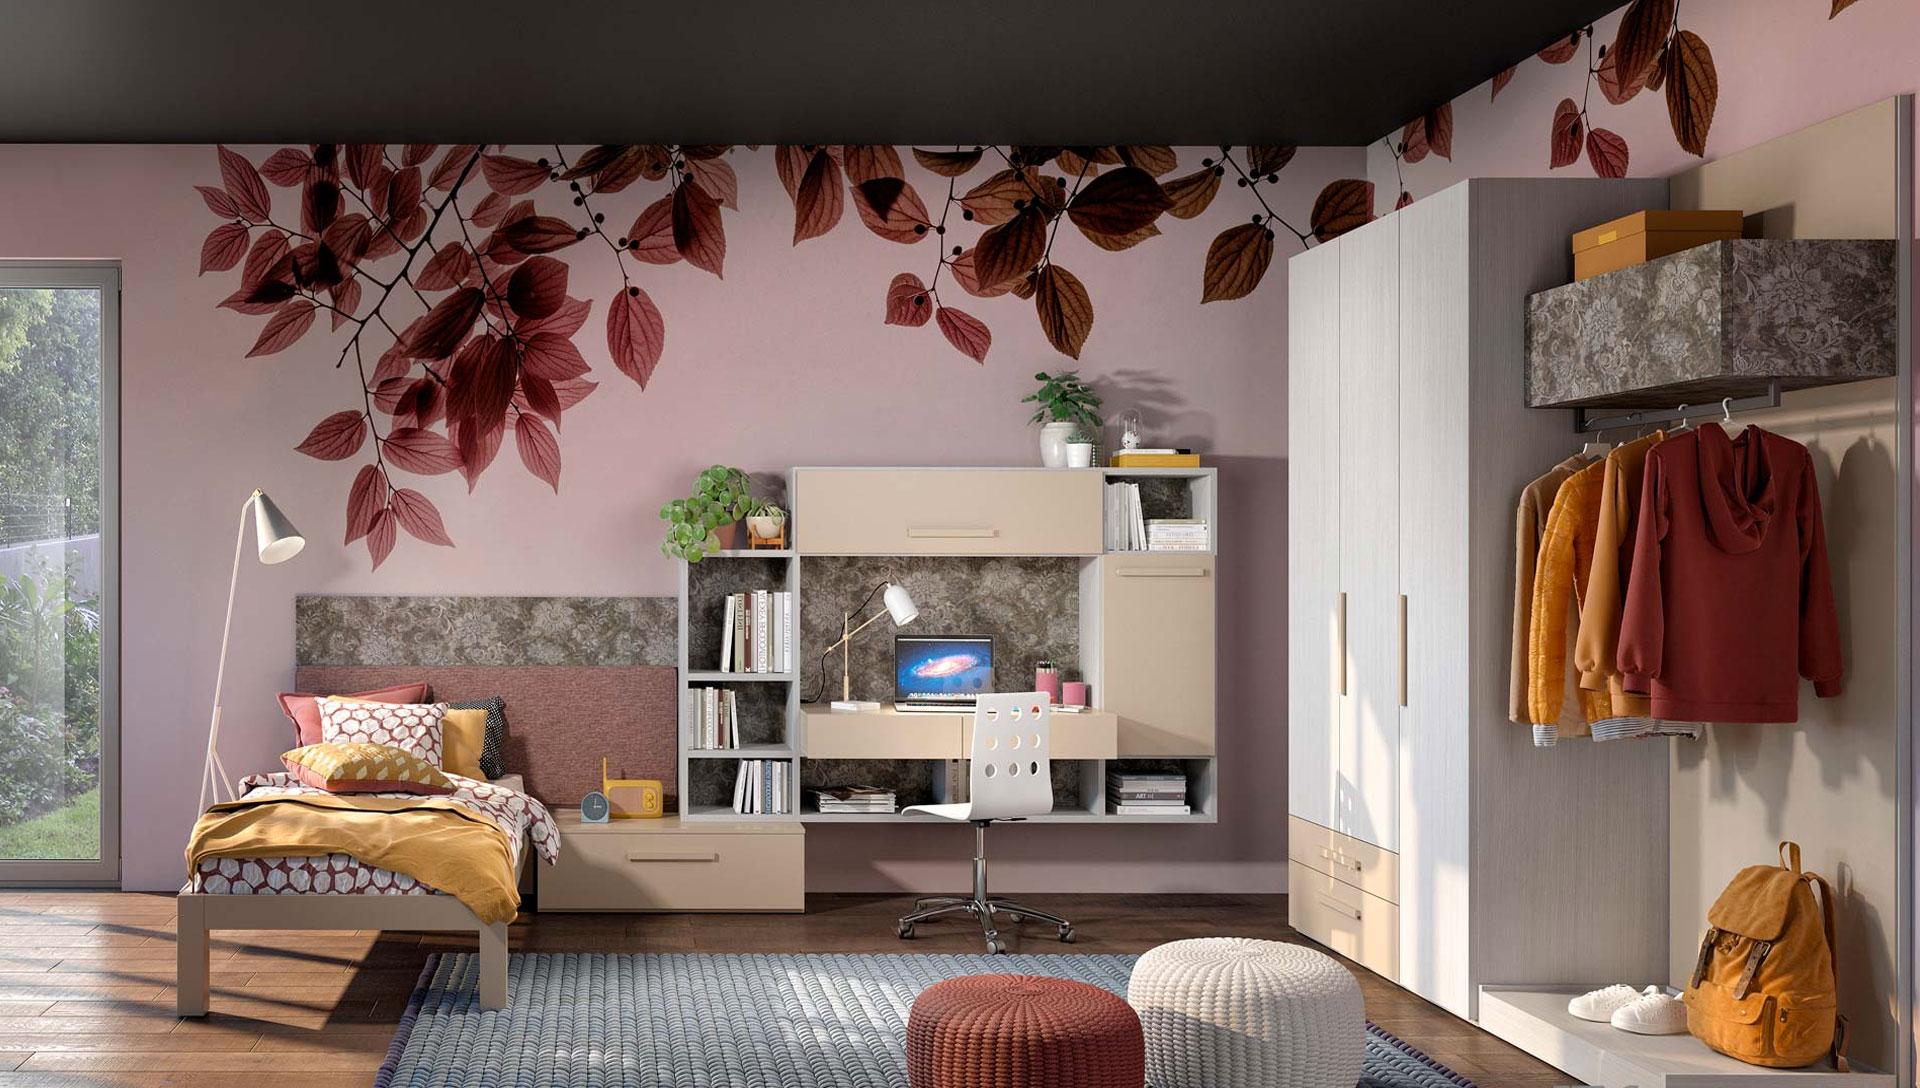 camerette-ferrimobili-1-comodus-arredamenti-nicoletti-interni-interior-design-divani-complementi-arredo-mobili-design-accessori-matera